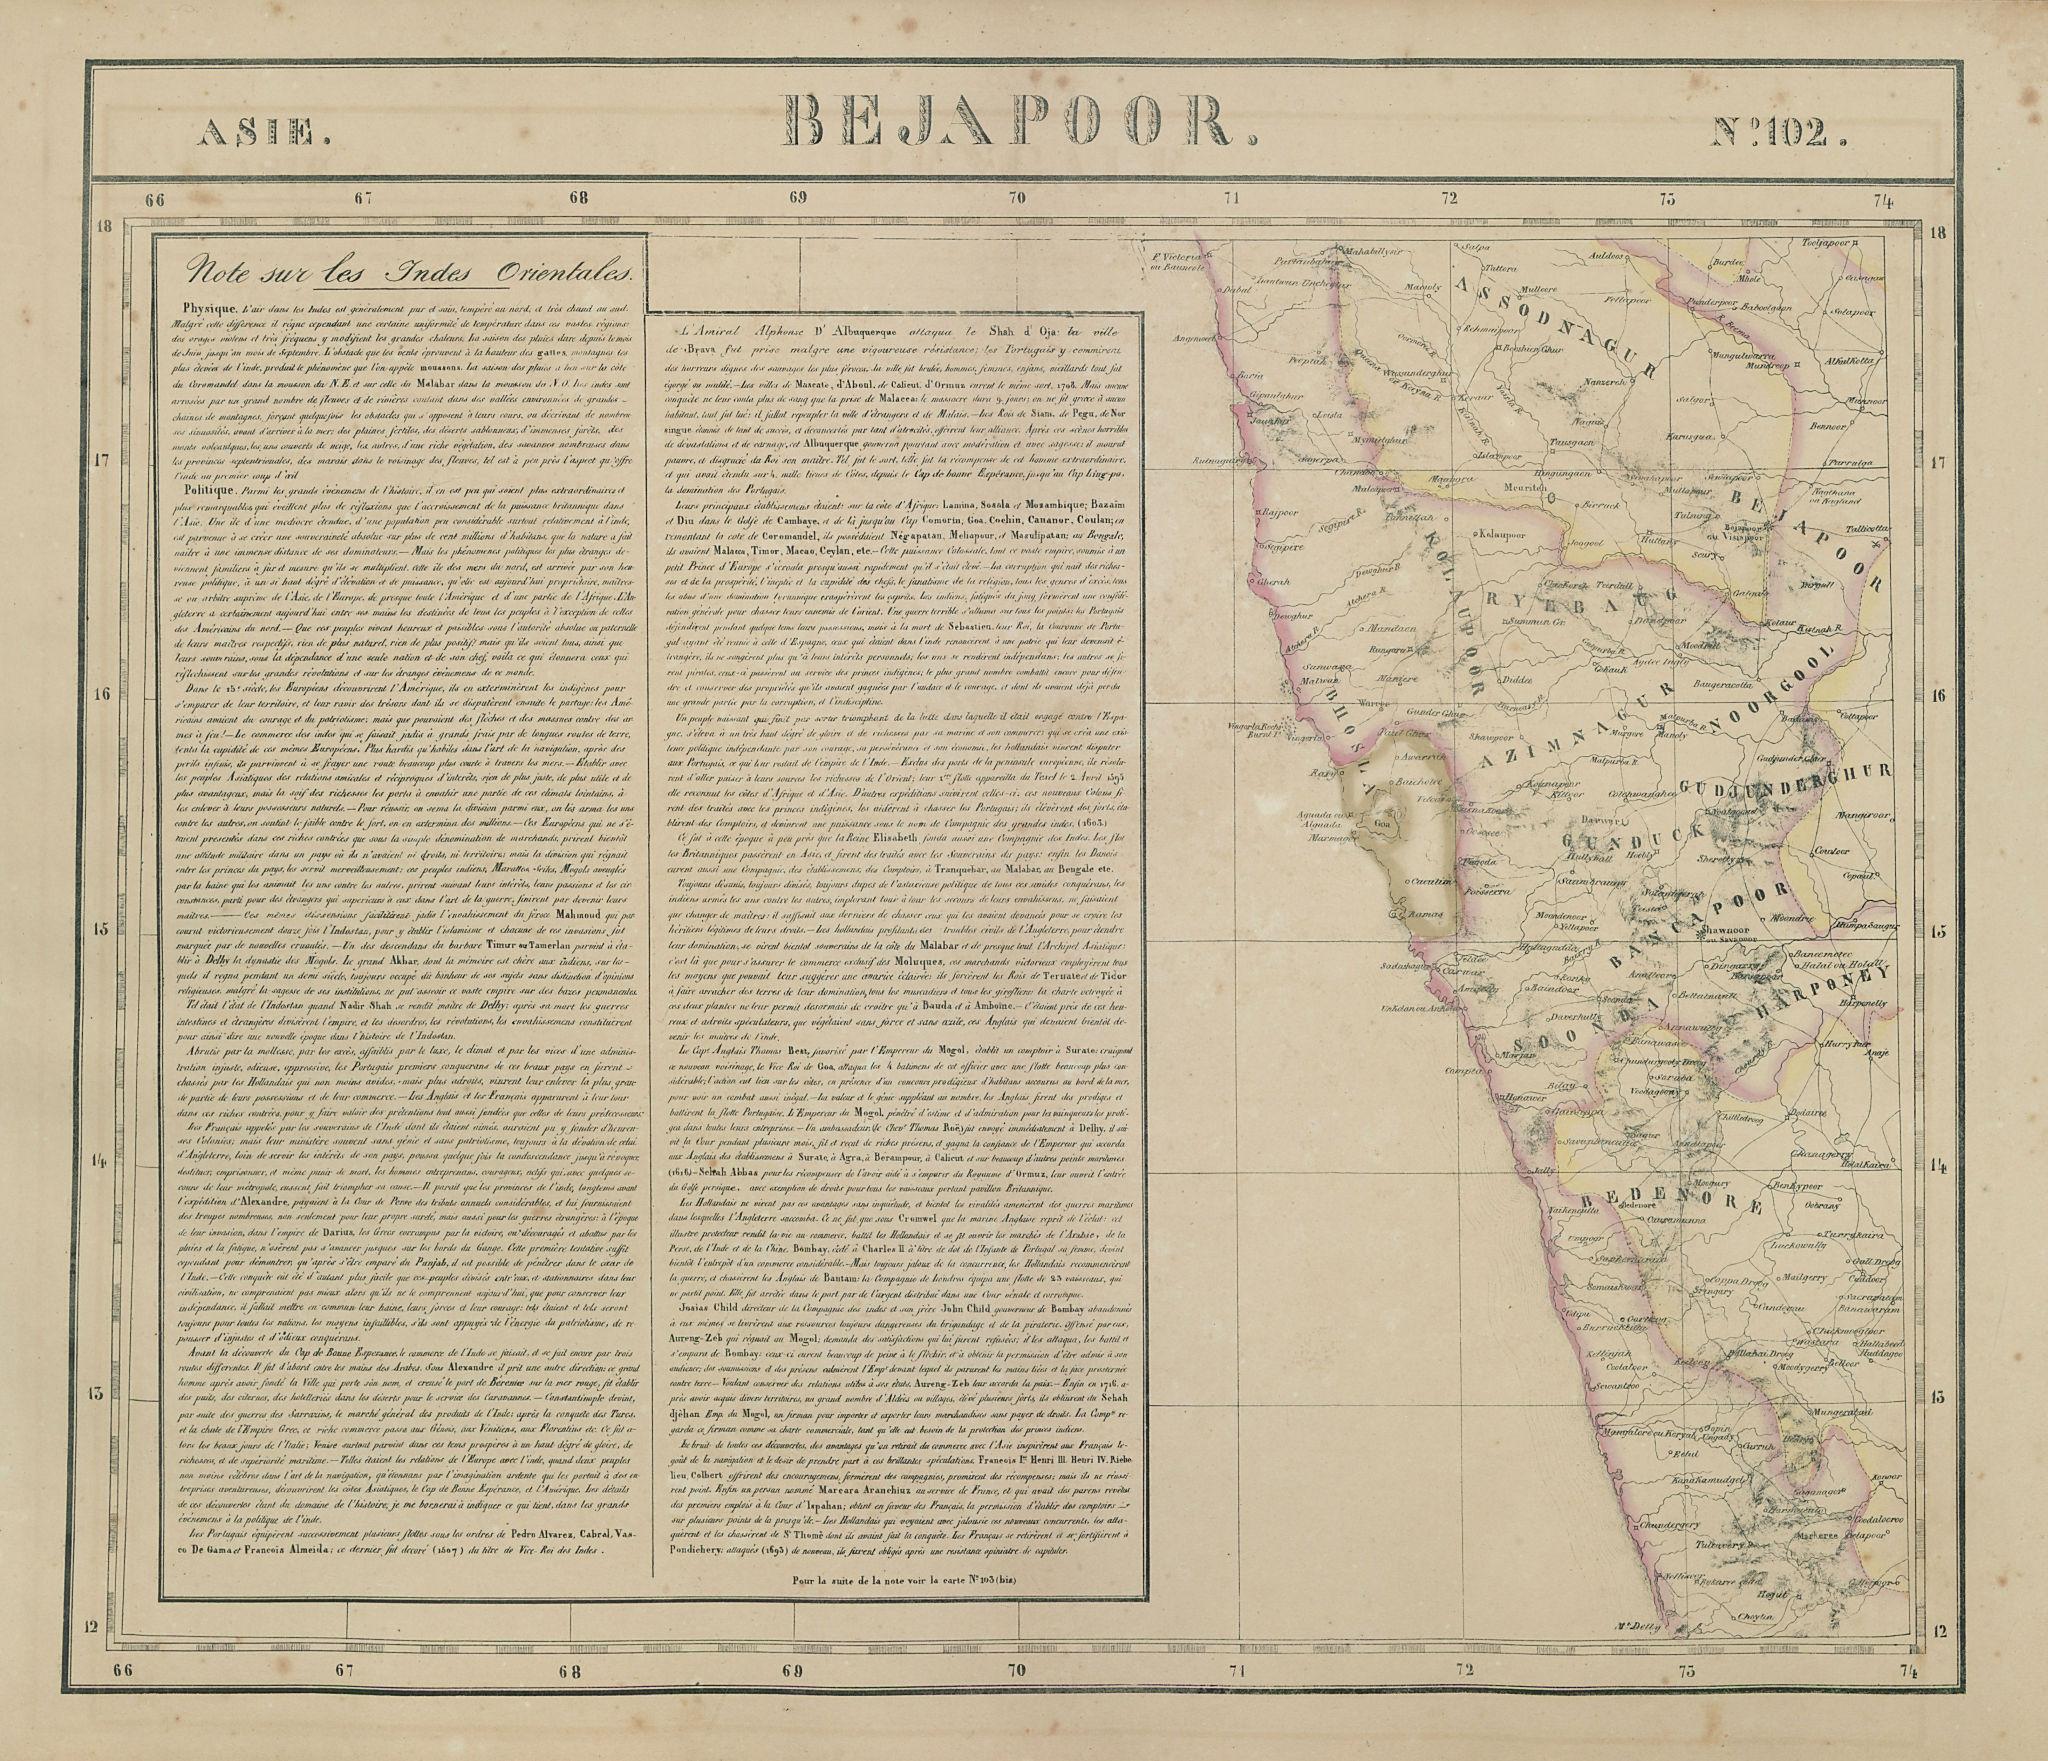 Asie. Bejapoor #102 SW India Maharashtra Goa Karnataka. VANDERMAELEN 1827 map